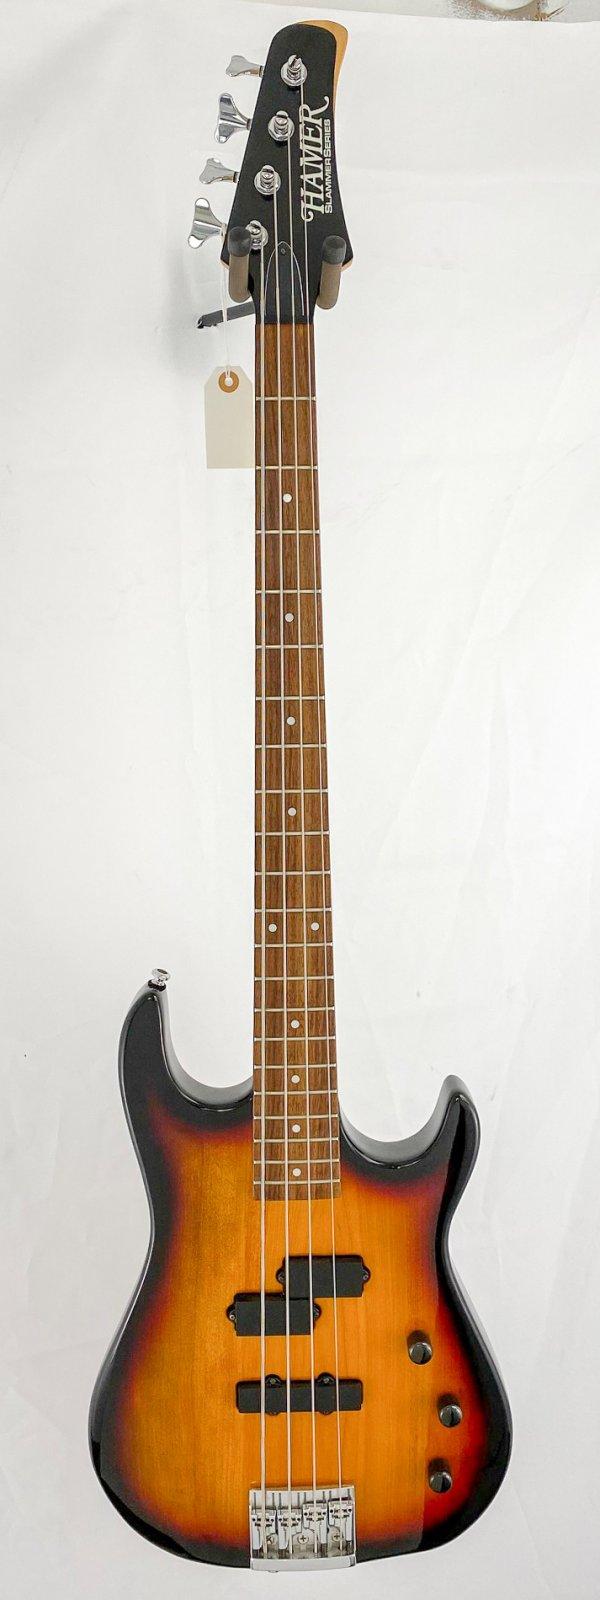 Hamer Slammer Series Bass